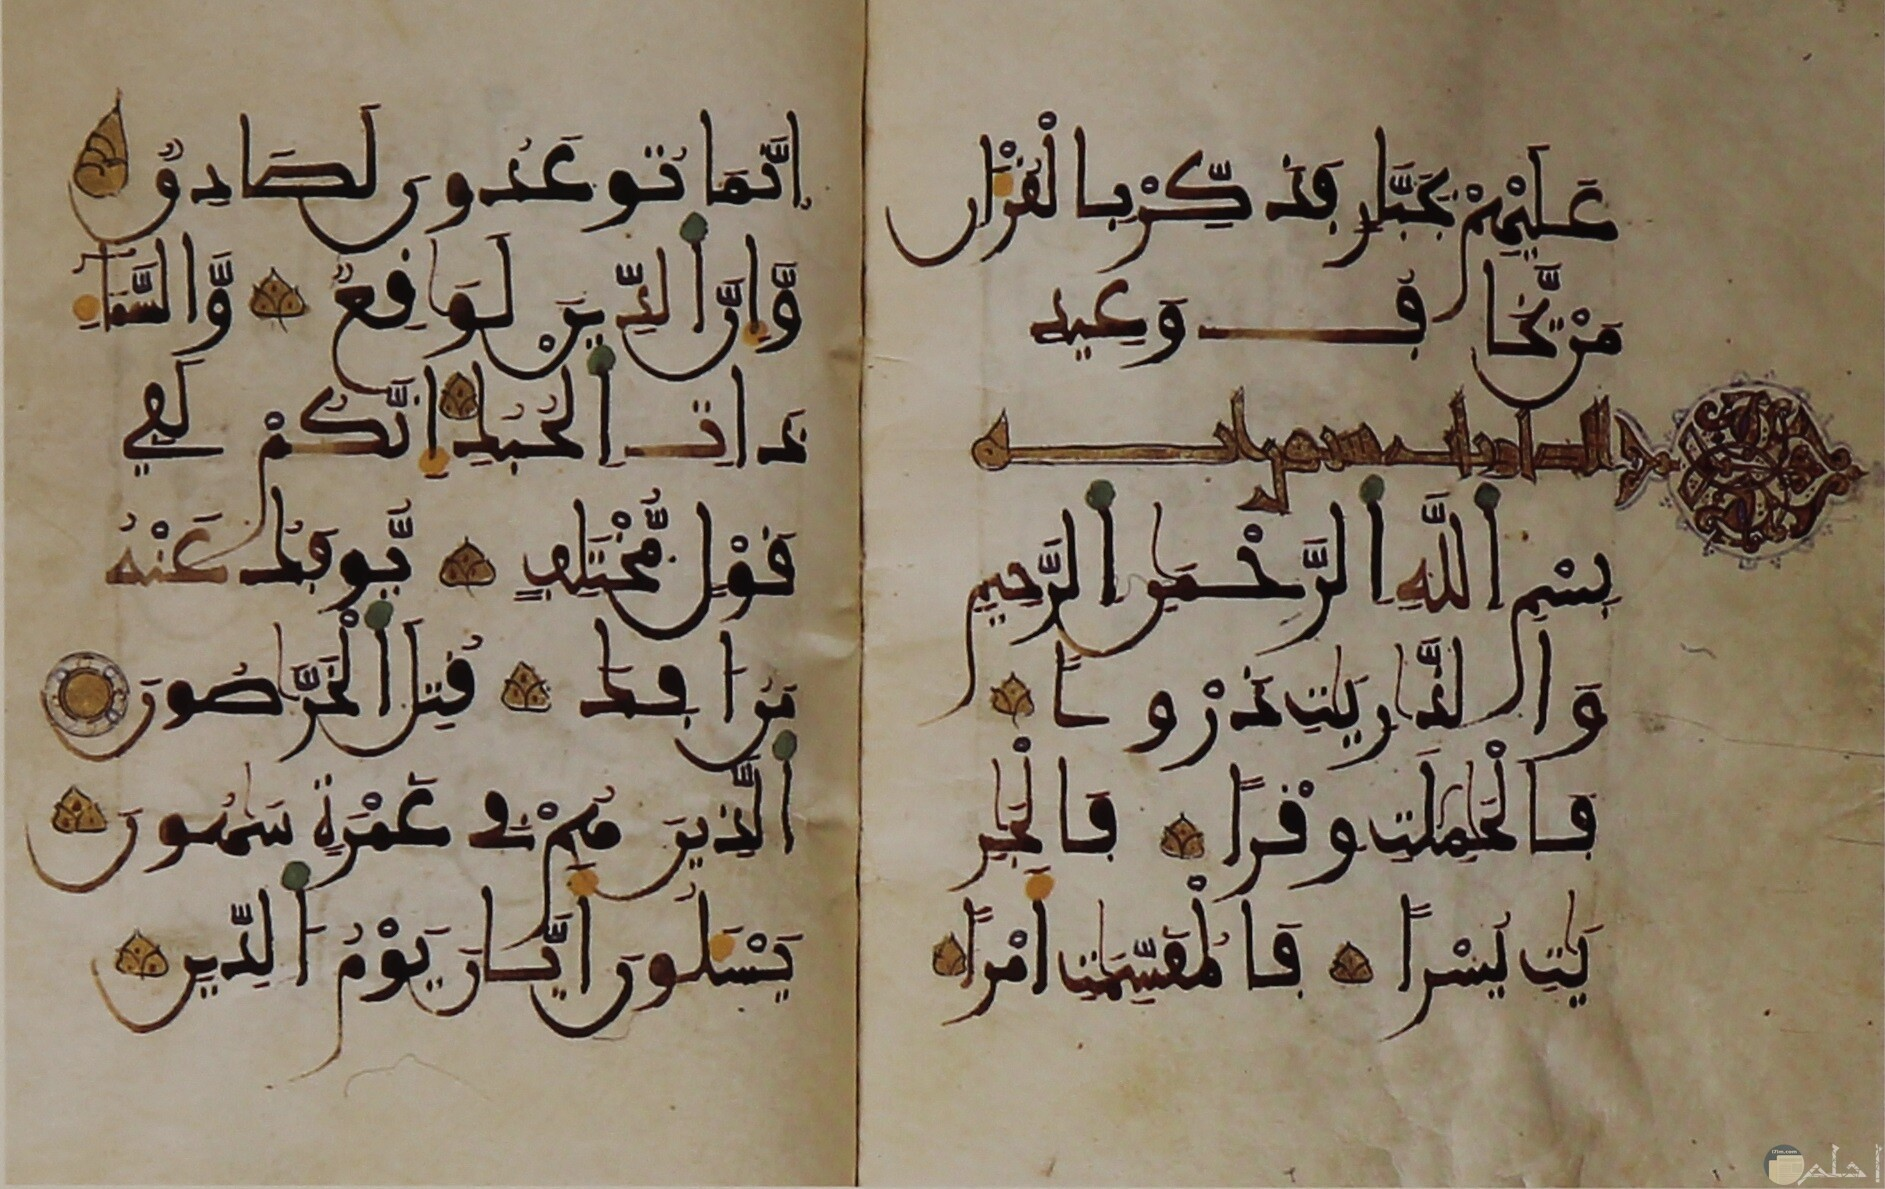 مخطوطات نادرة للقران الكريم